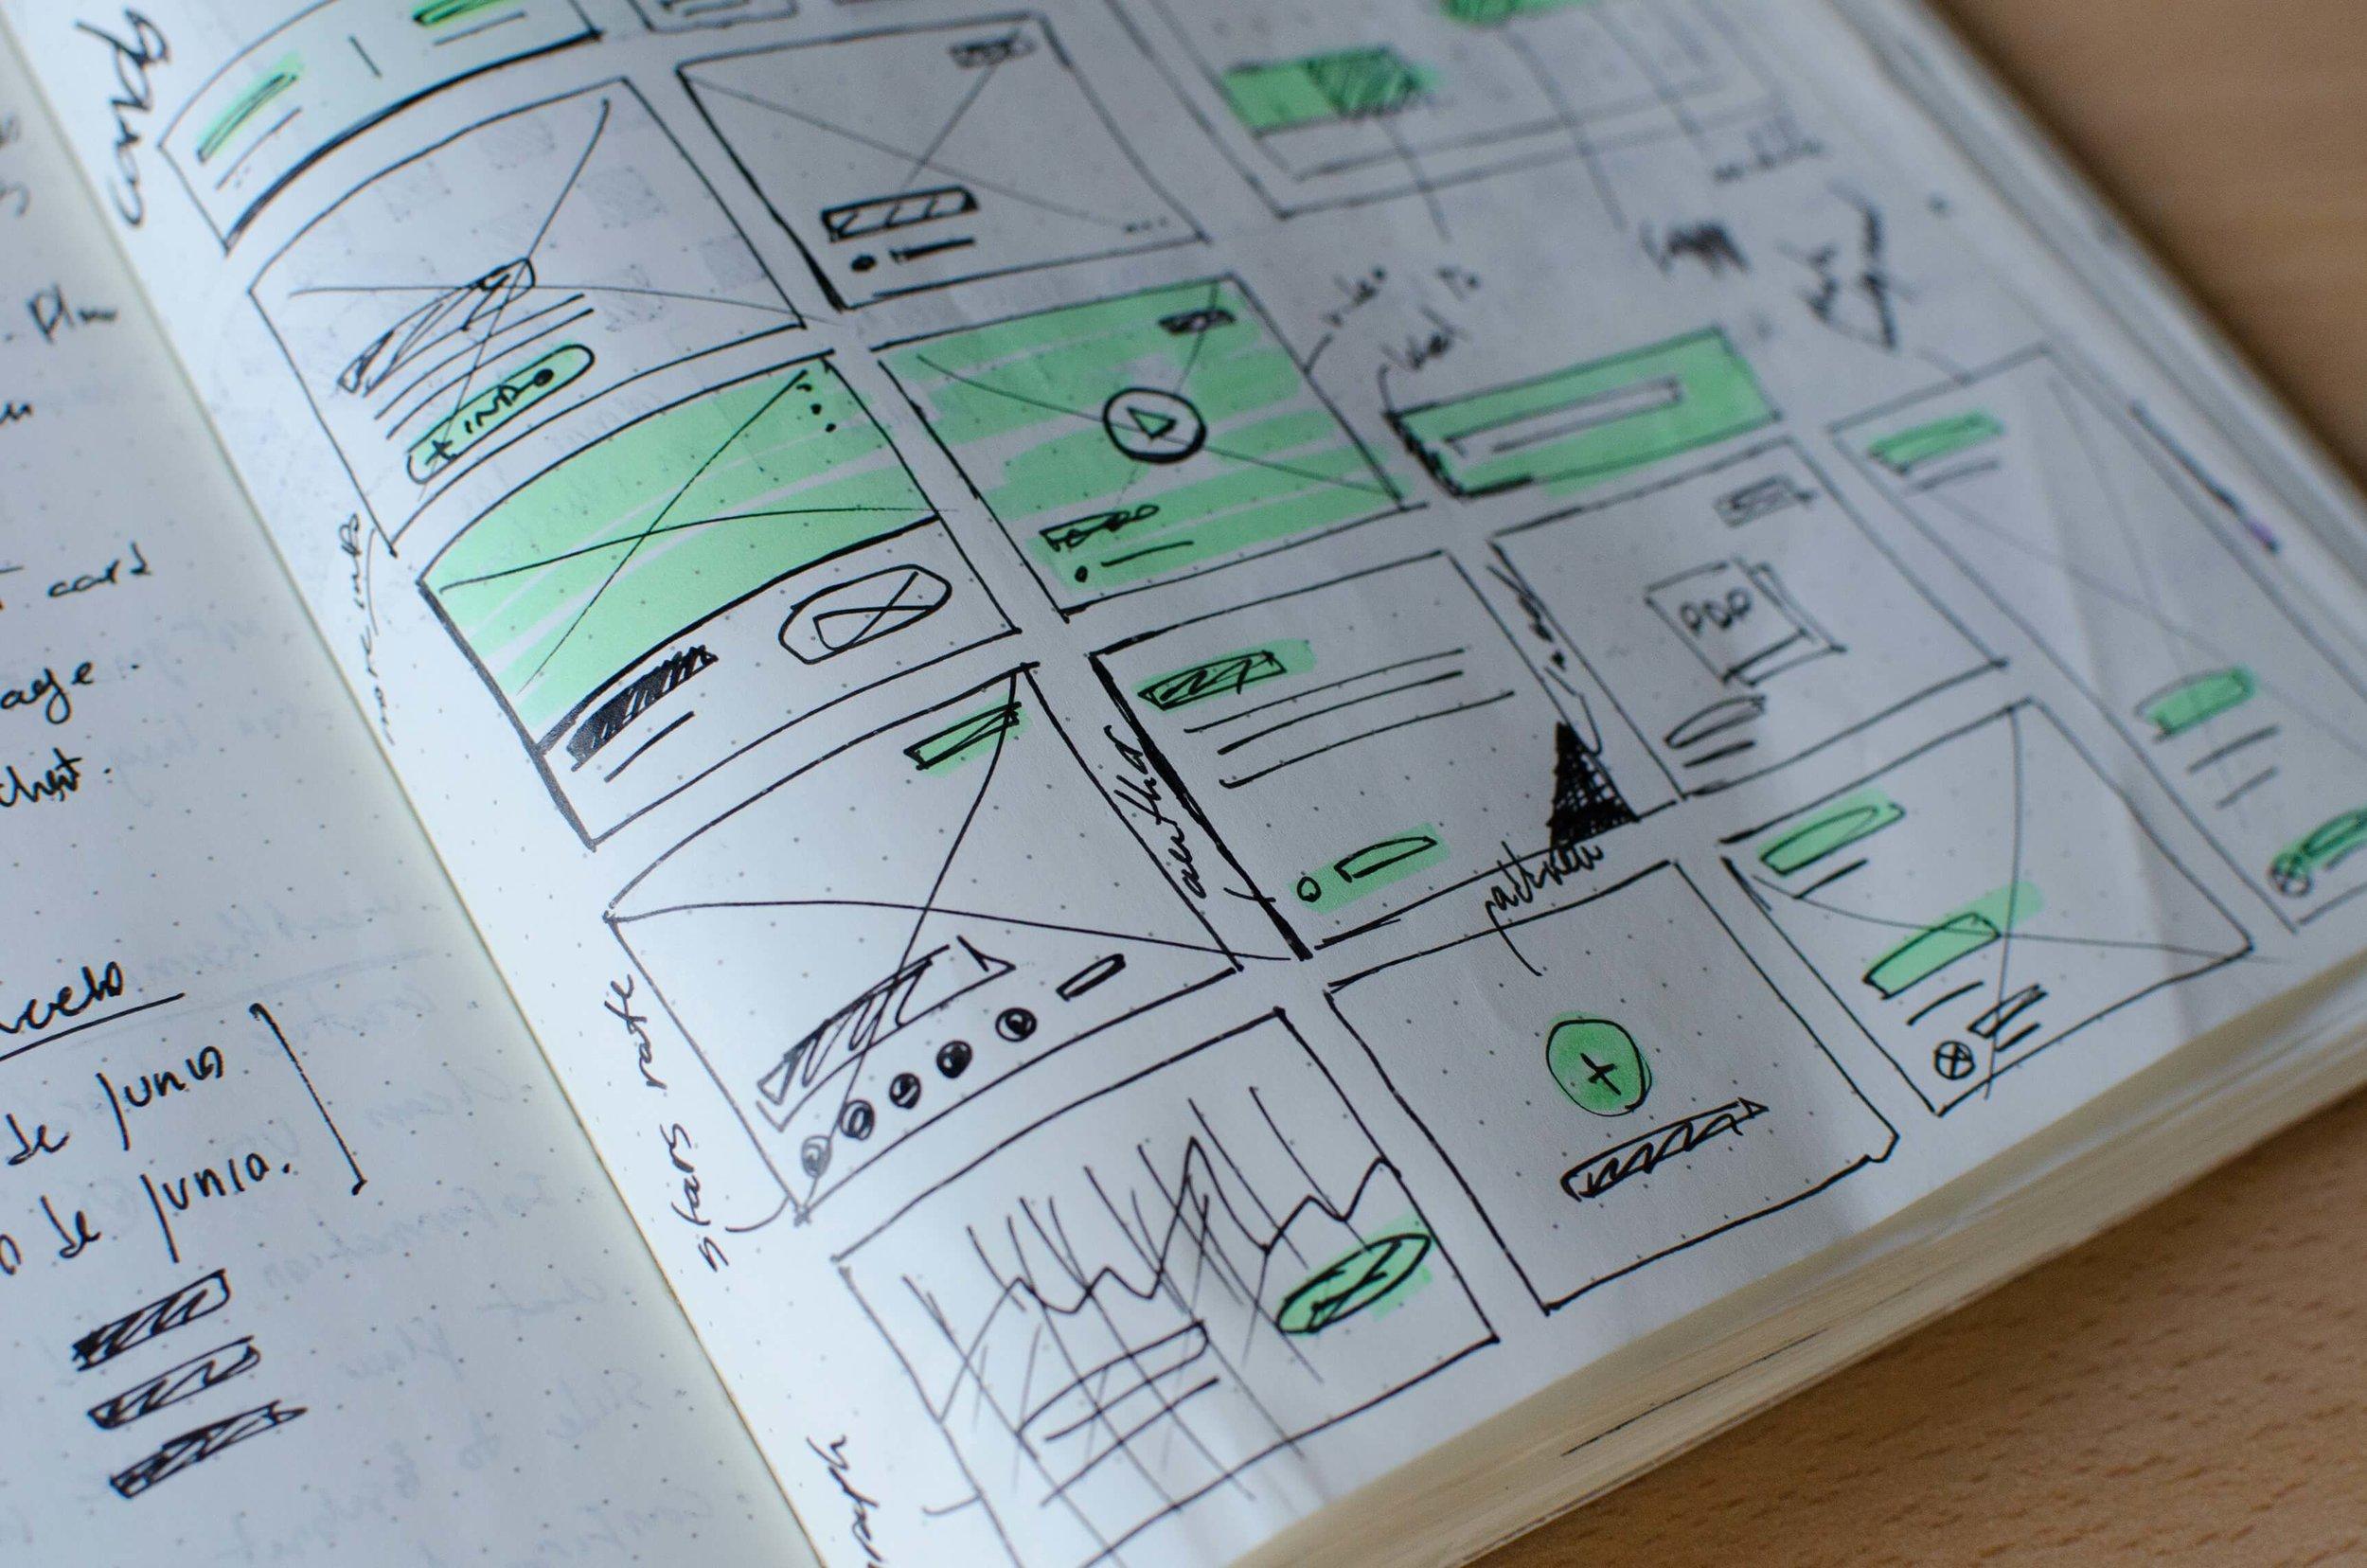 - UI/UX Design